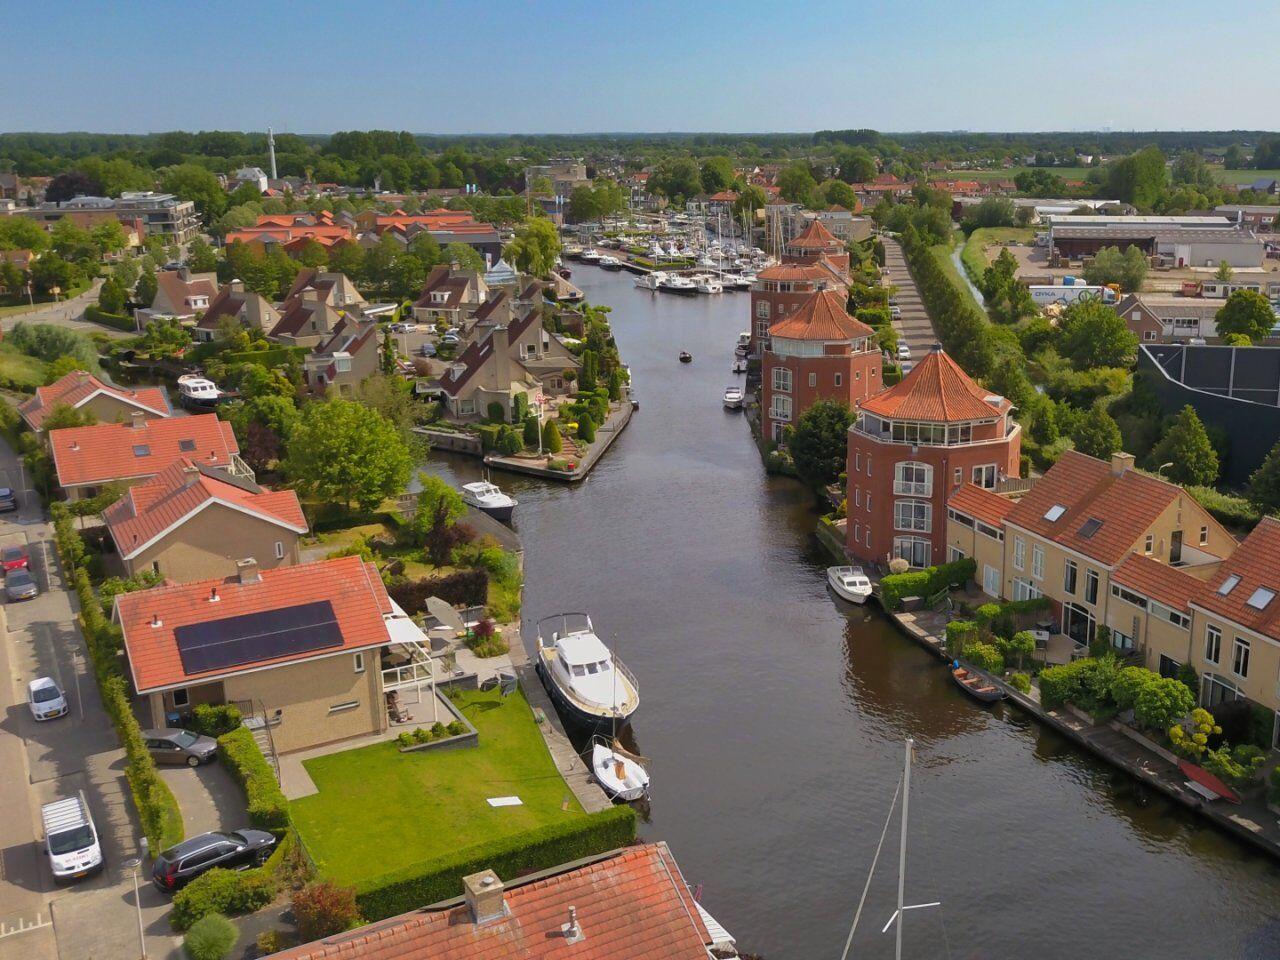 27108-west-havendijk_72-steenbergen-2129219975